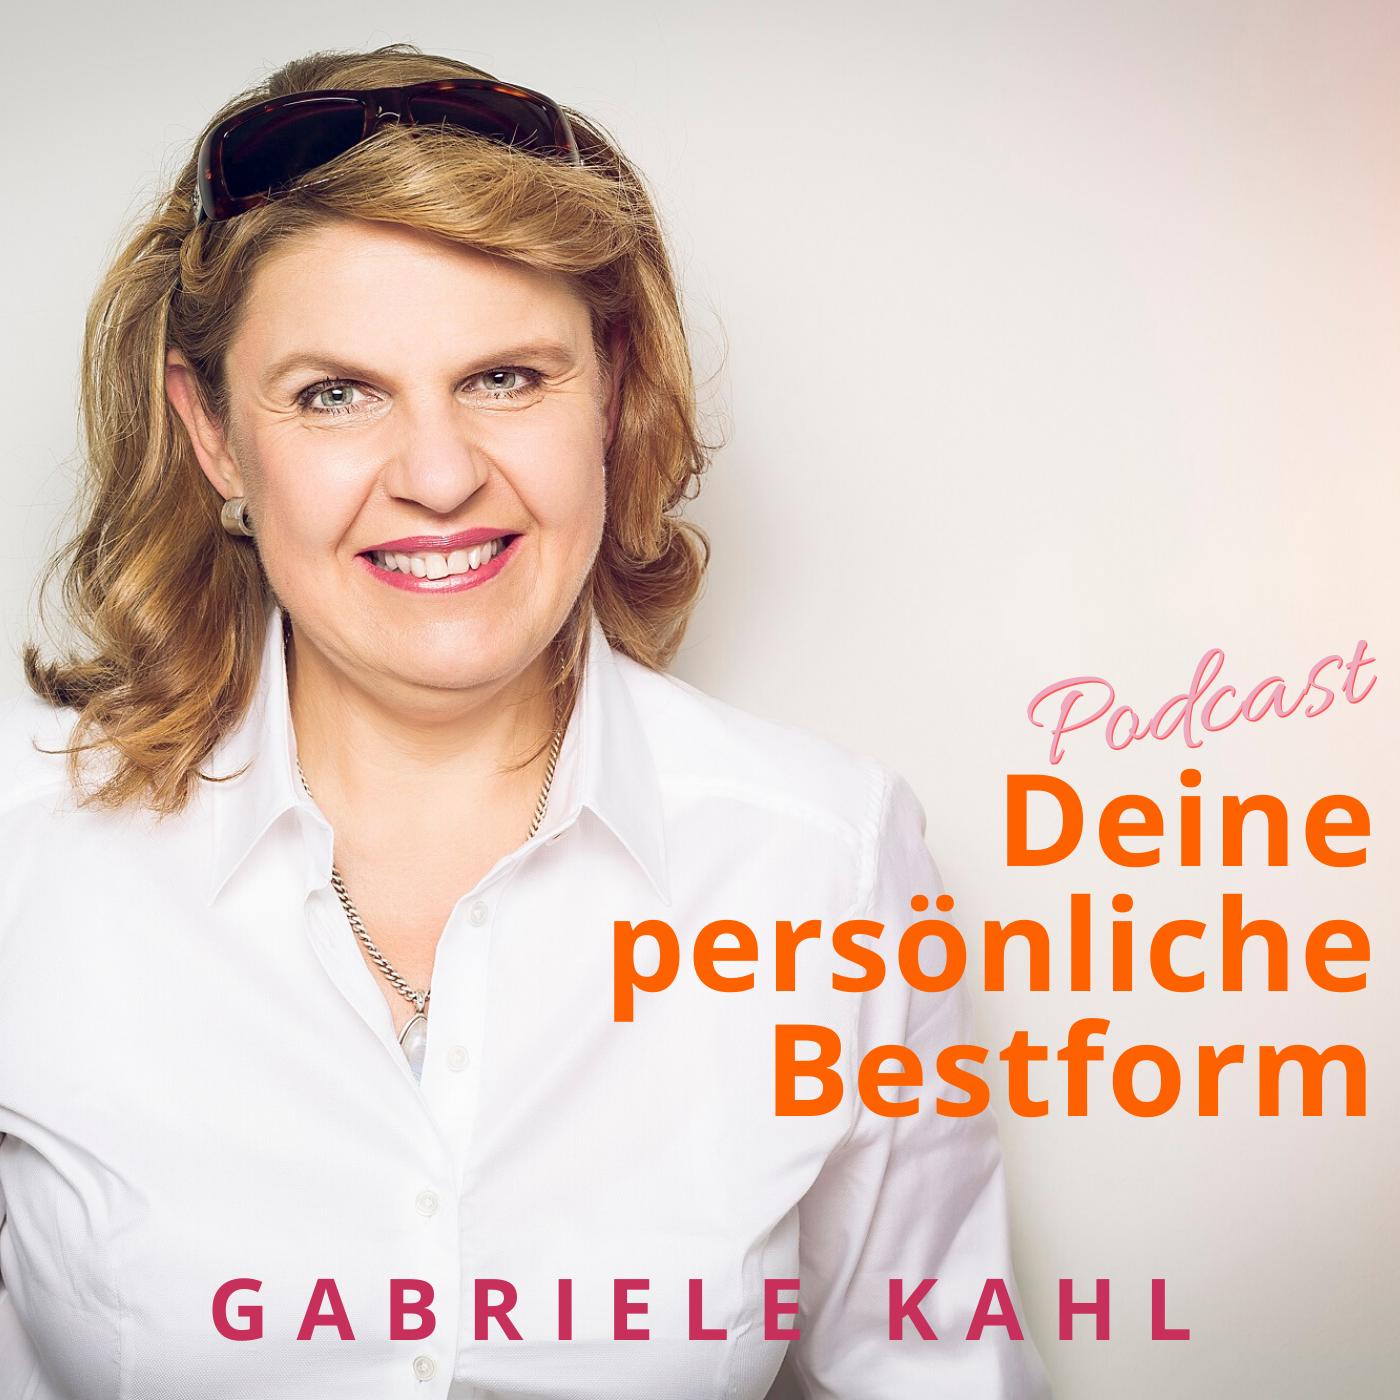 Deine persönliche Bestform. Der Podcast für DICH mit Gabriele Kahl